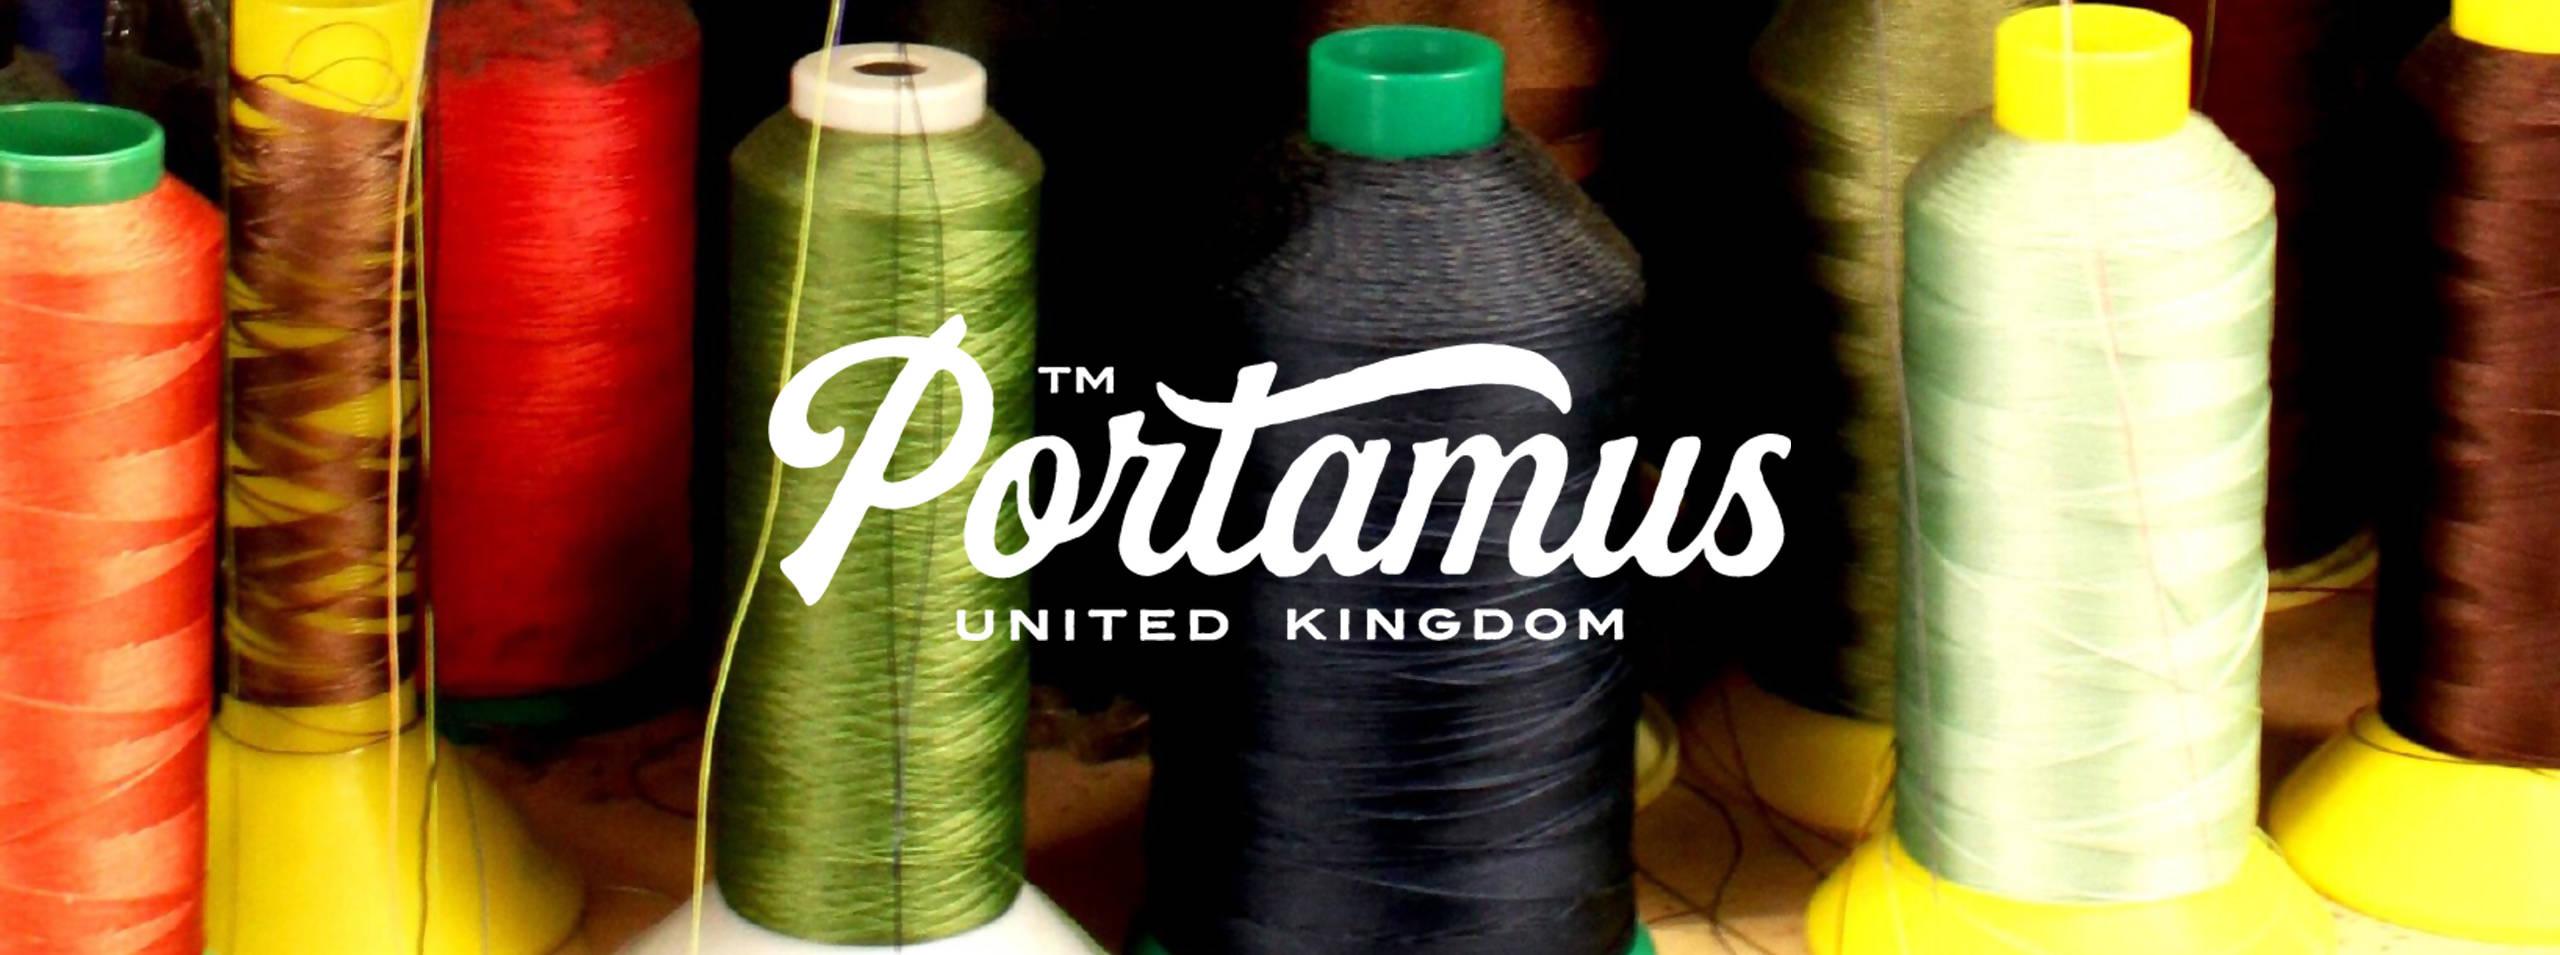 Portamus